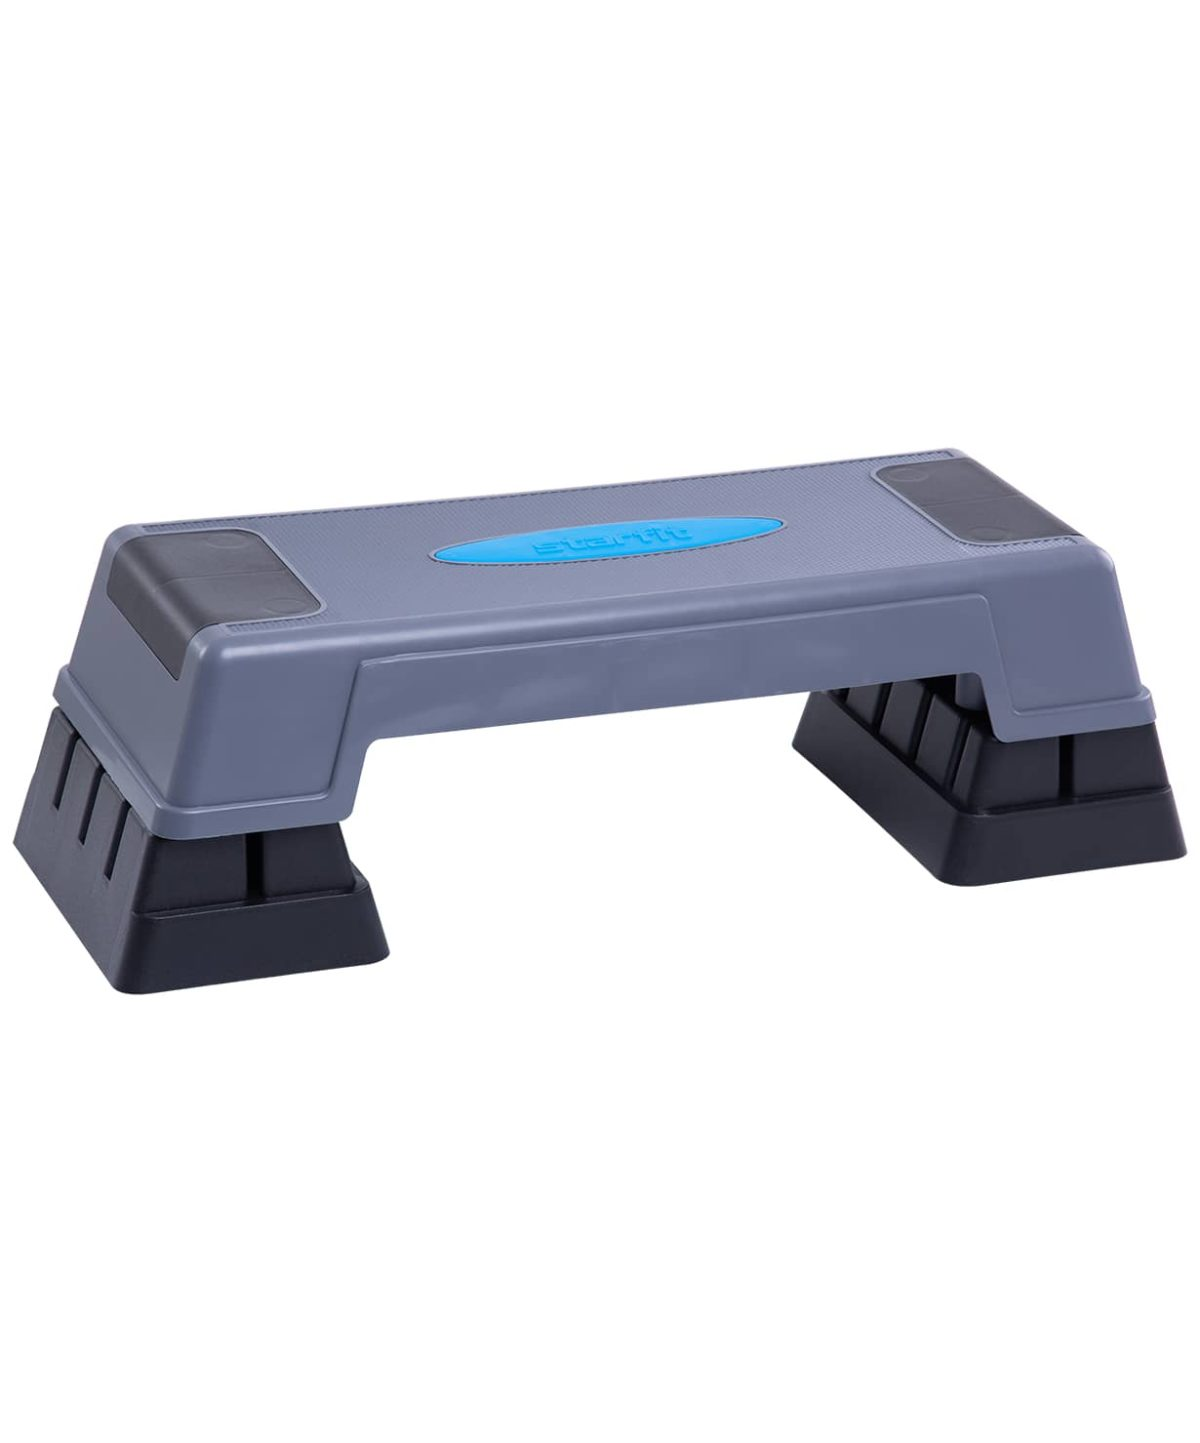 STARFIT Степ-платформа, двухуровневая, 70х28х22см  SP-301 - 4